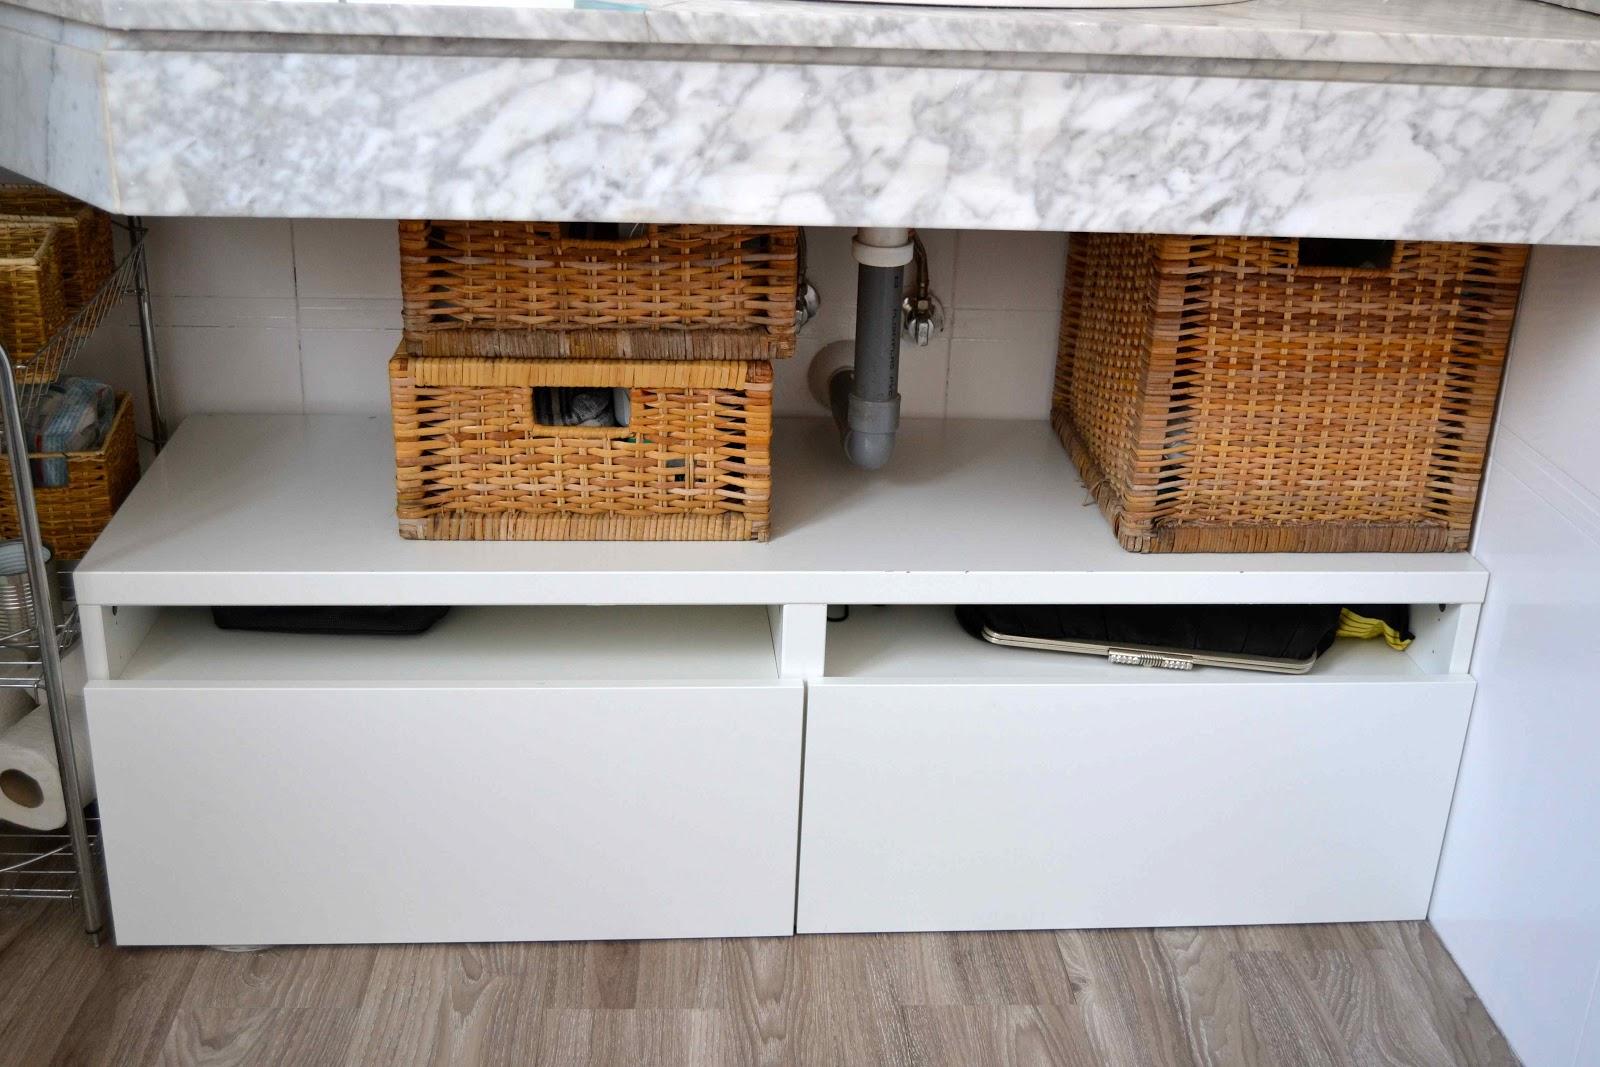 Reciclar Muebles Ikea Stunning Usa Cinta Adhesiva Y Pintura  # Hackeando Muebles De Ikea